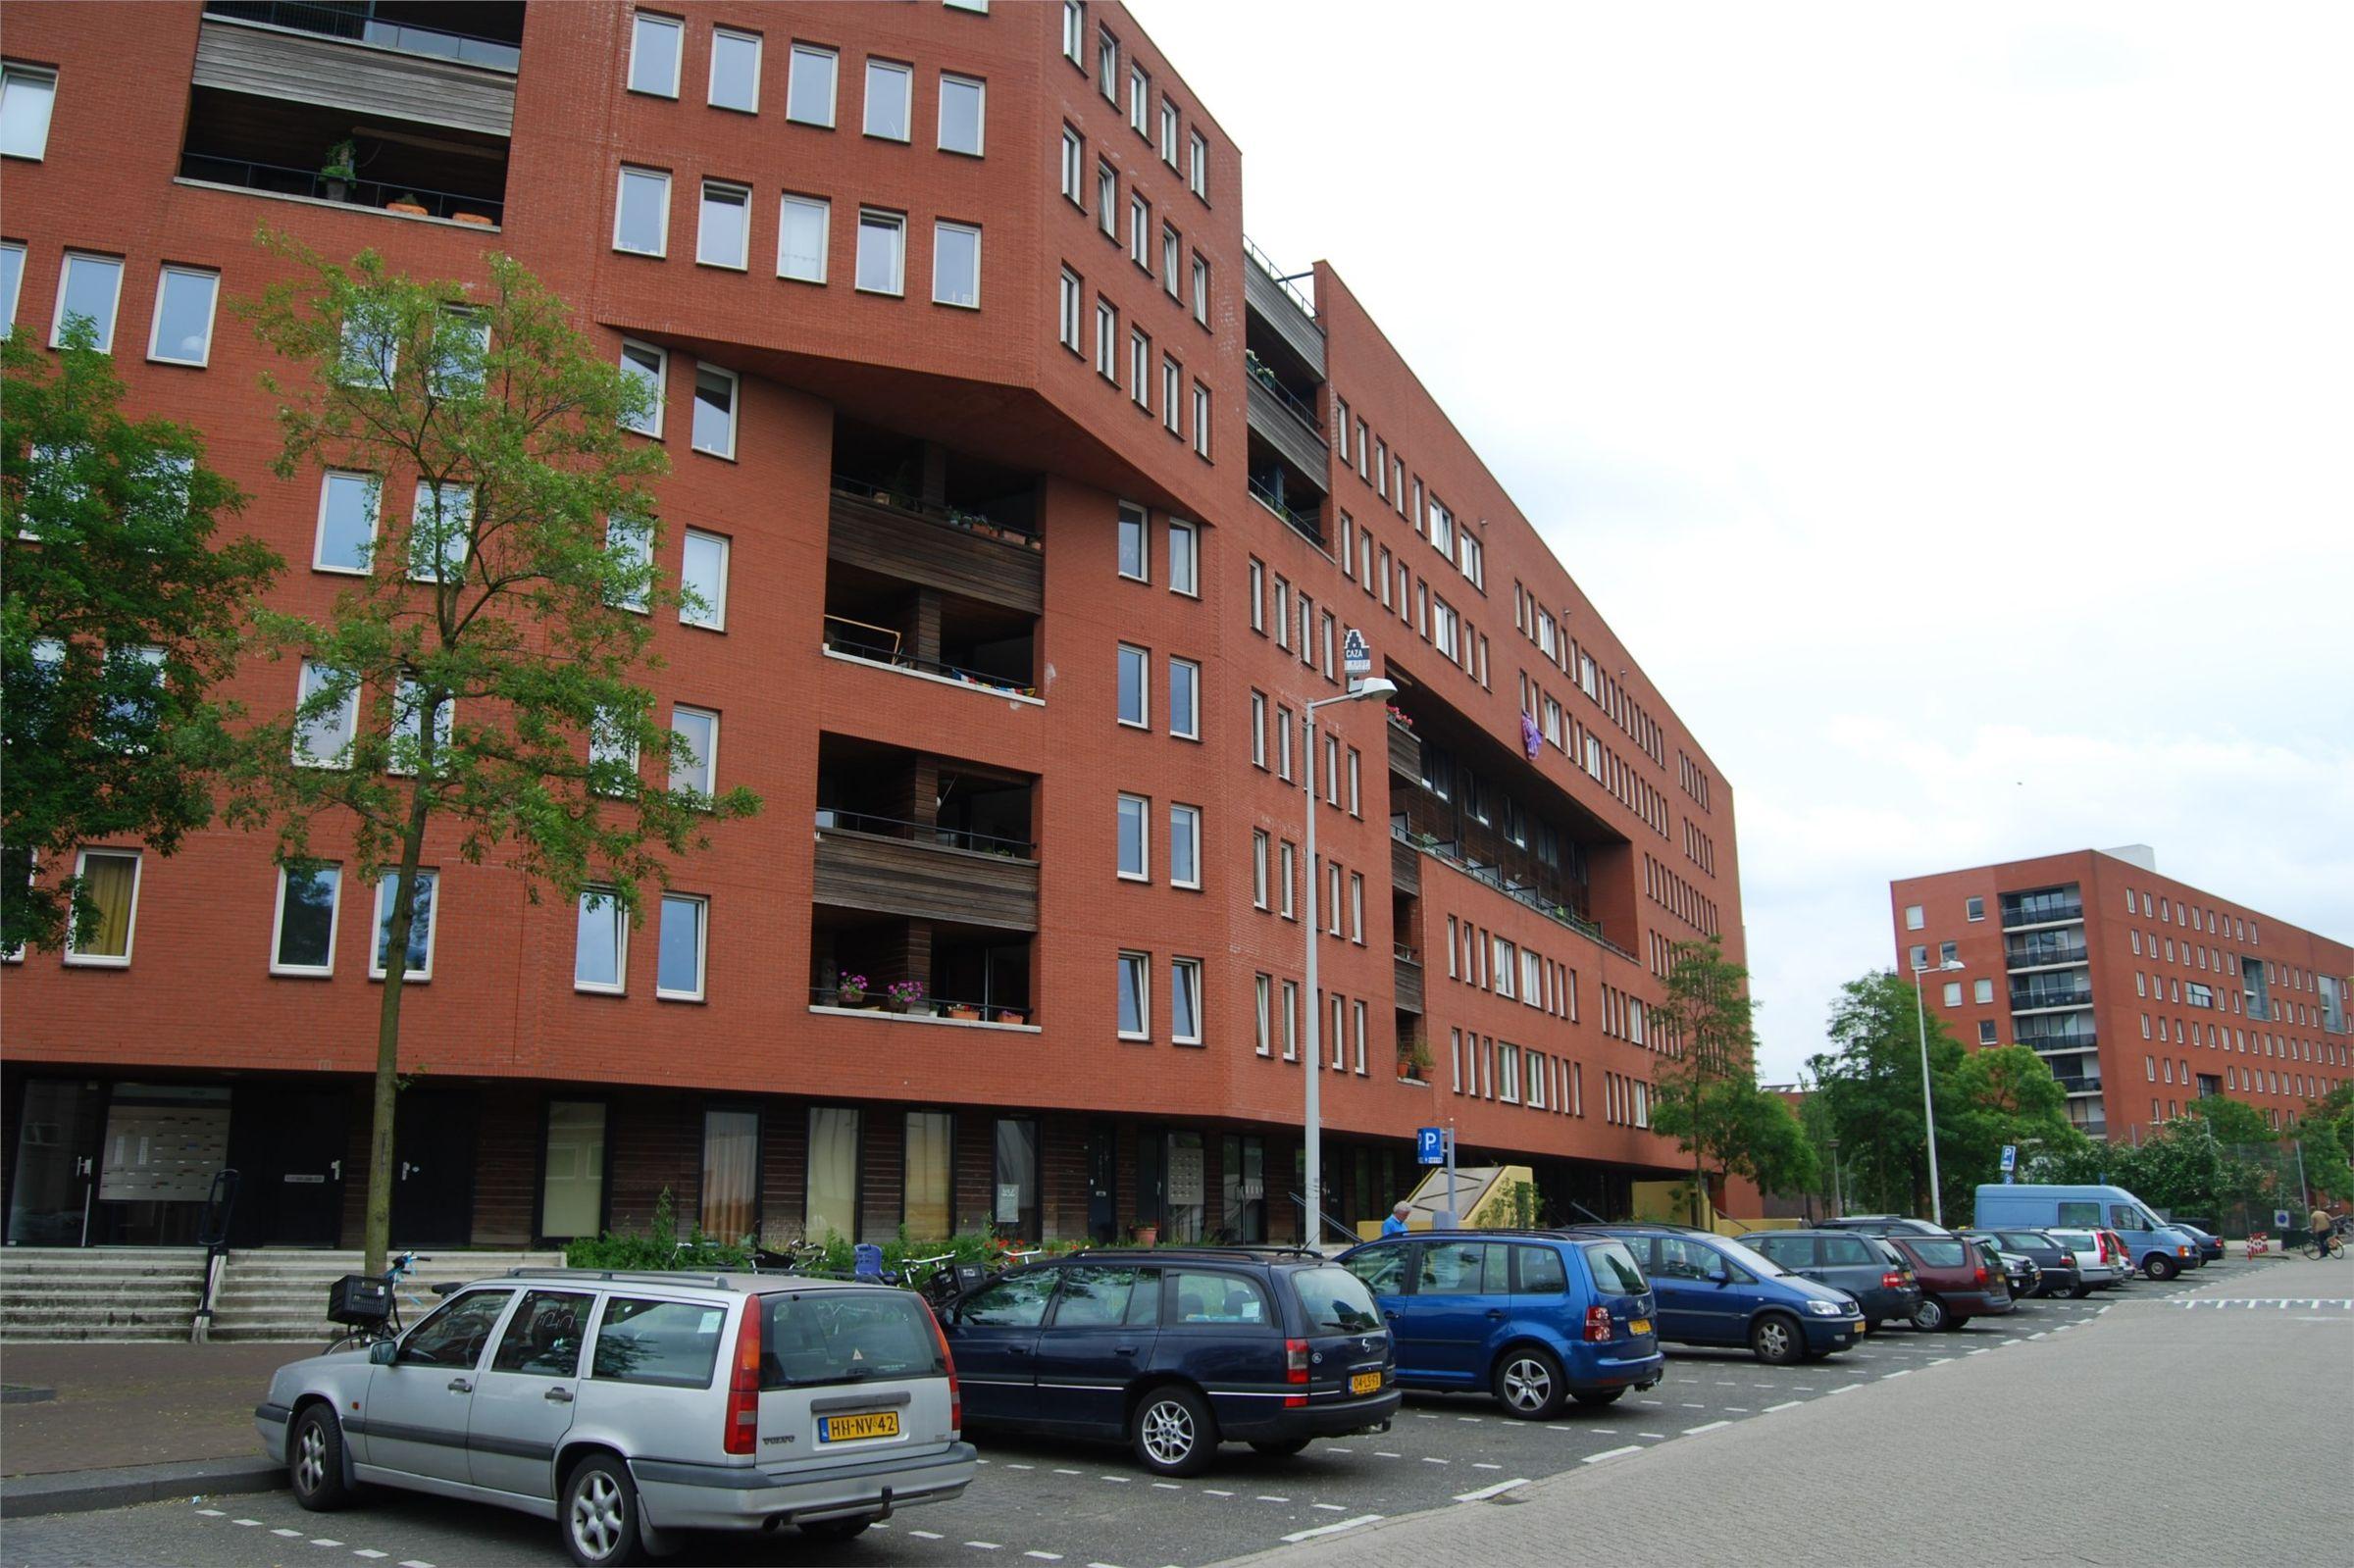 Waterkeringweg 121, Amsterdam